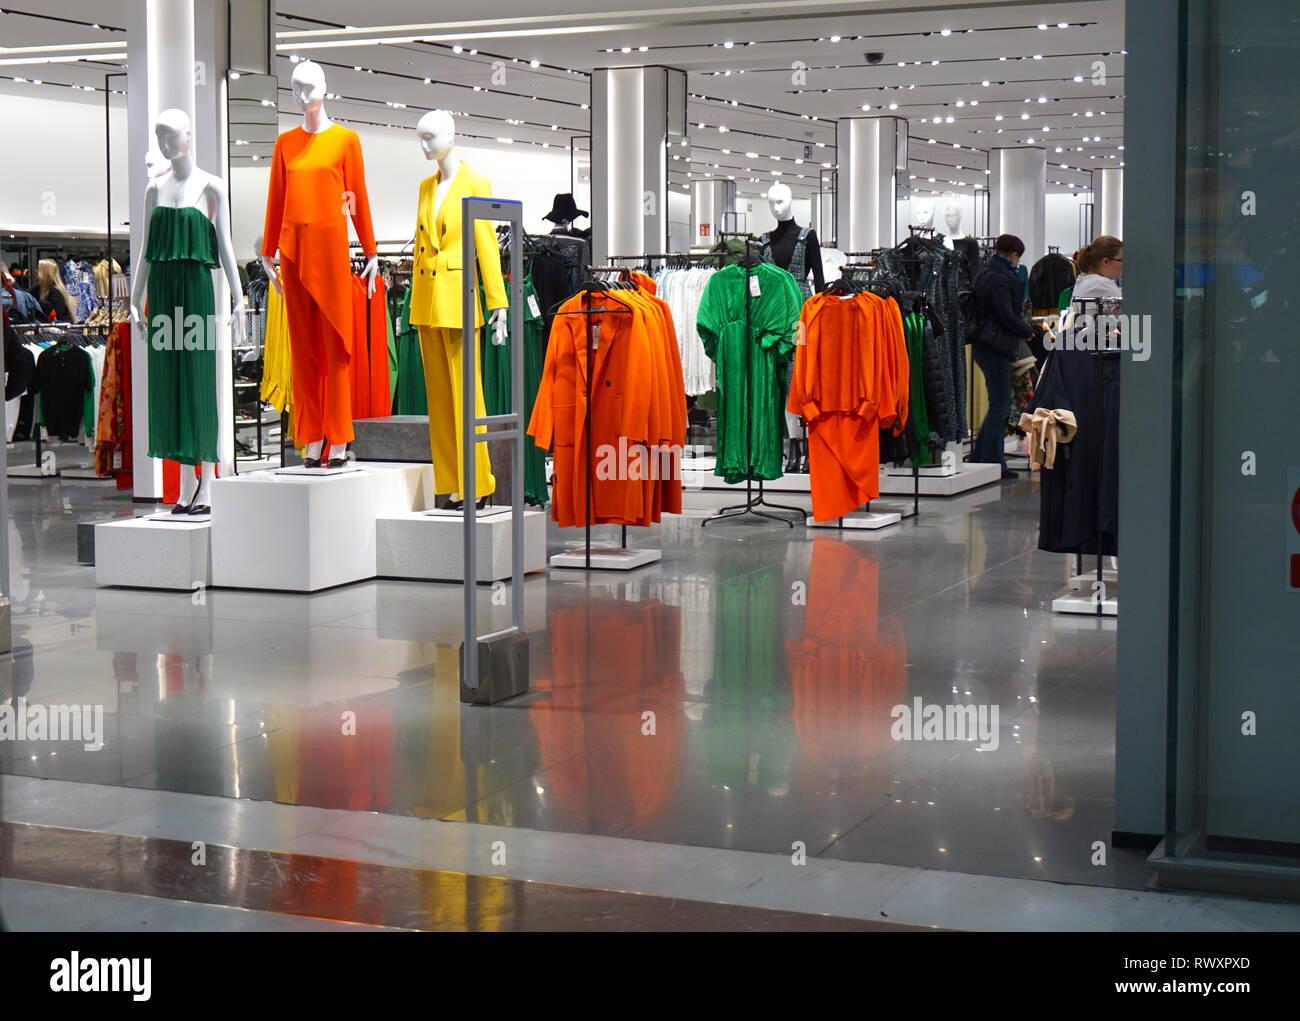 ed2e55fd United Kingdom Fashion Stock Photos & United Kingdom Fashion Stock ...